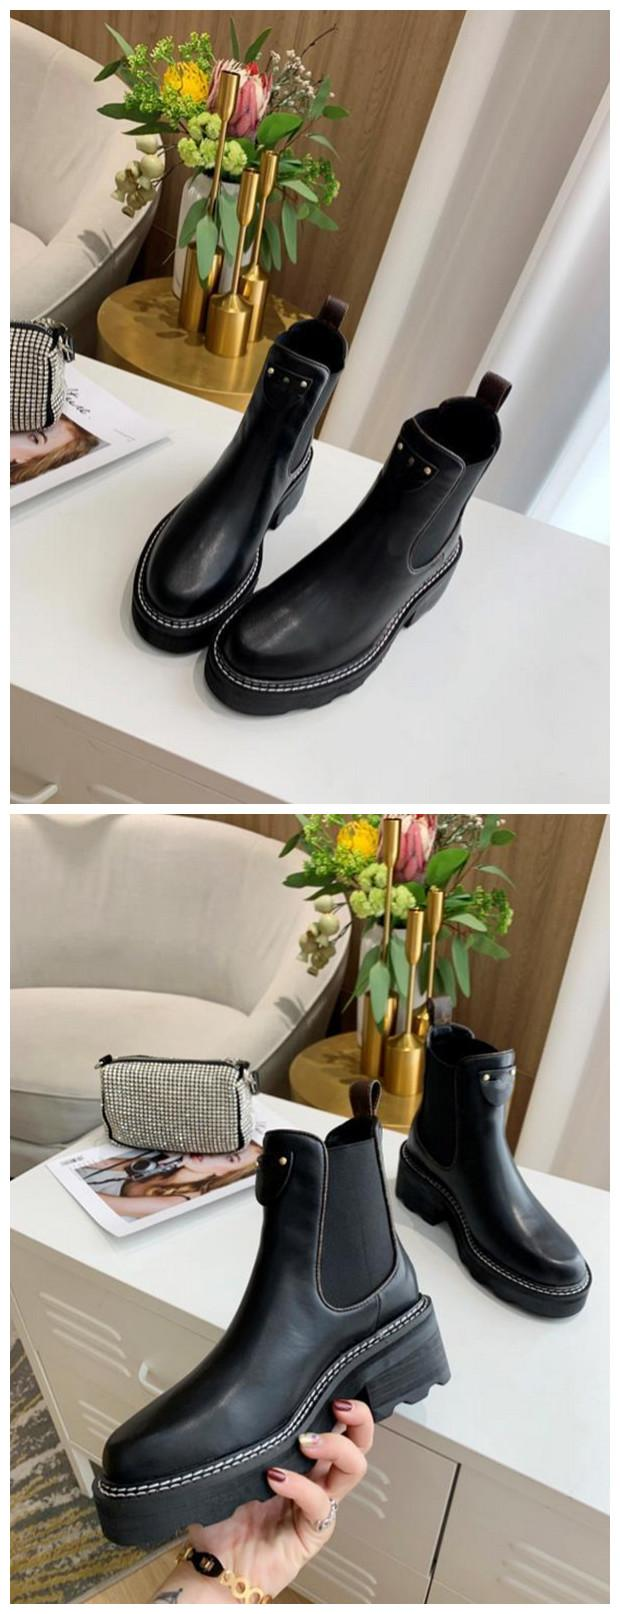 Clásico de la manera BEAUBOURG tobillo botas de zapatos de las mujeres botas de invierno muchachas de las señoras de seda de la piel de vacuno de alta Top para mujer de la bota del tobillo plana Tamaño 35-42